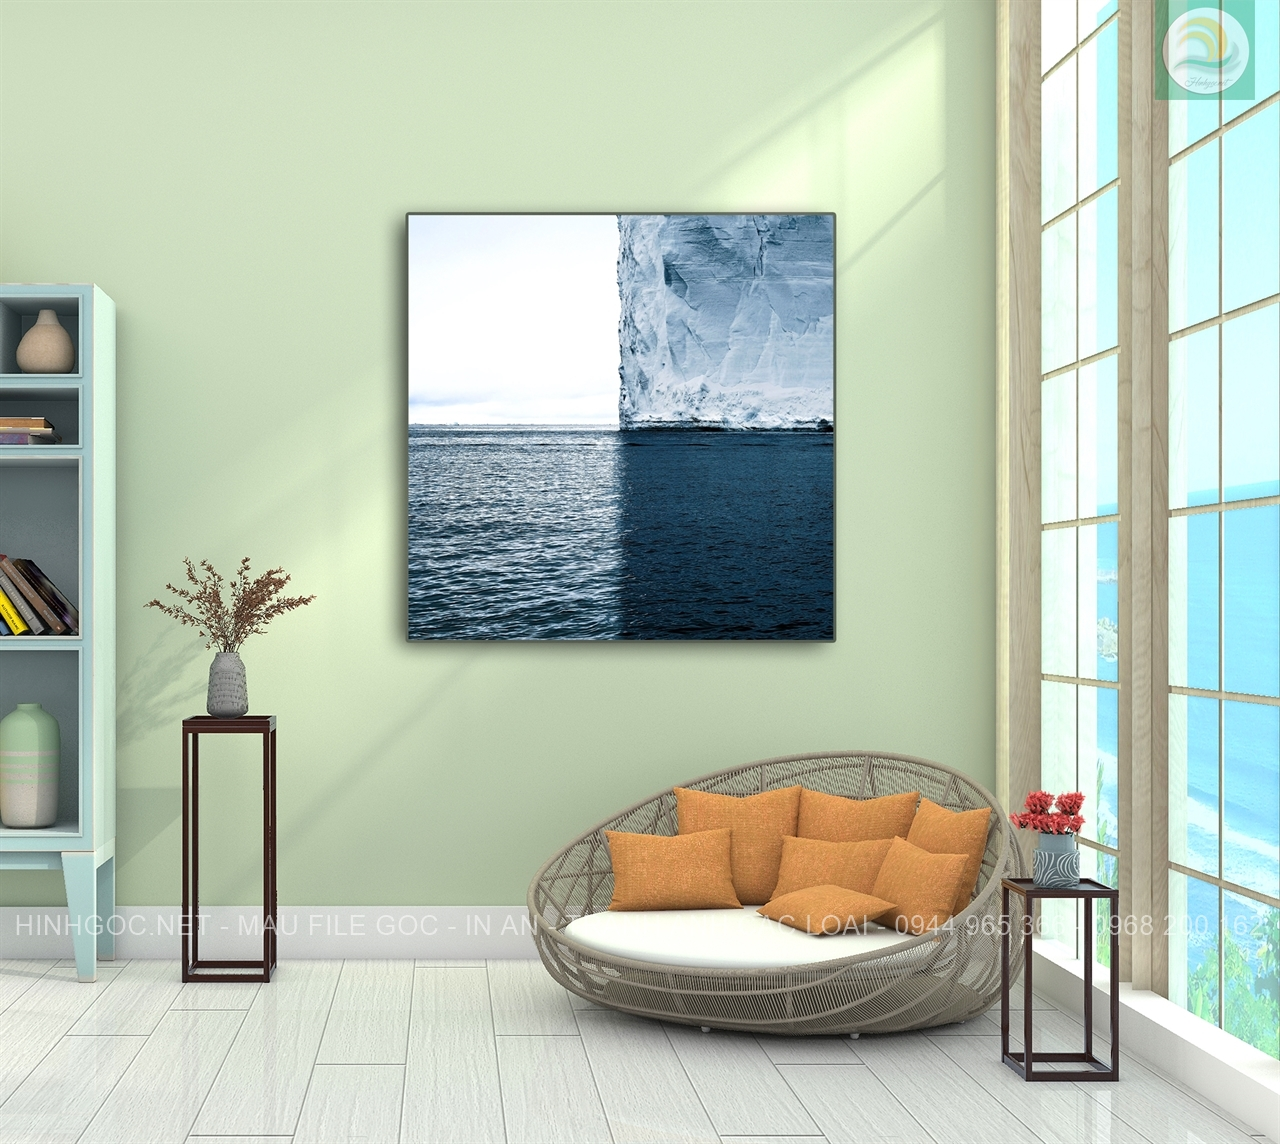 Tranh phong thủy, phong cảnh biển và núi